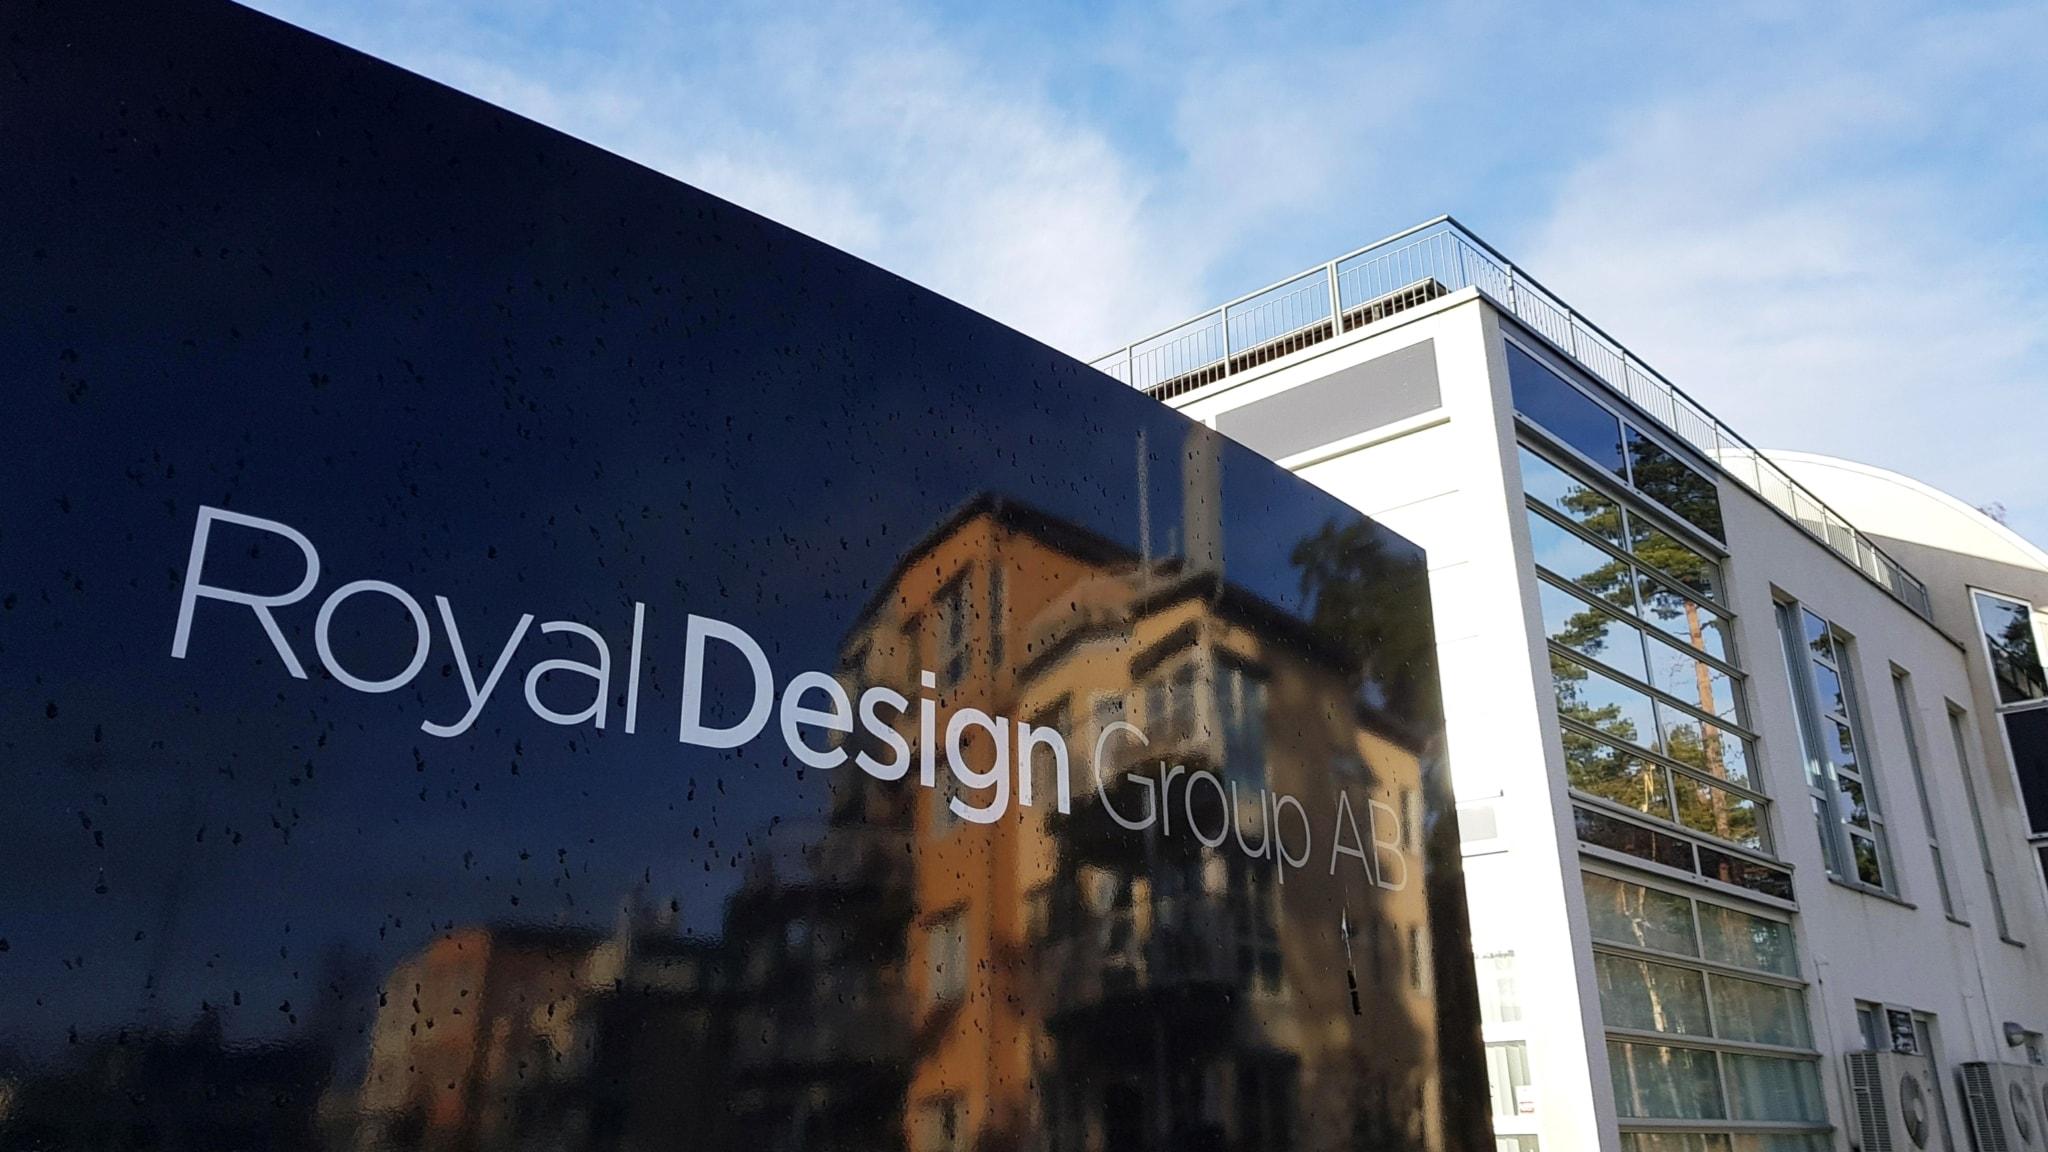 Royal design stänger i Göteborg – flyttar delar till Kalmar - P4 Kalmar  e4907738f55dc